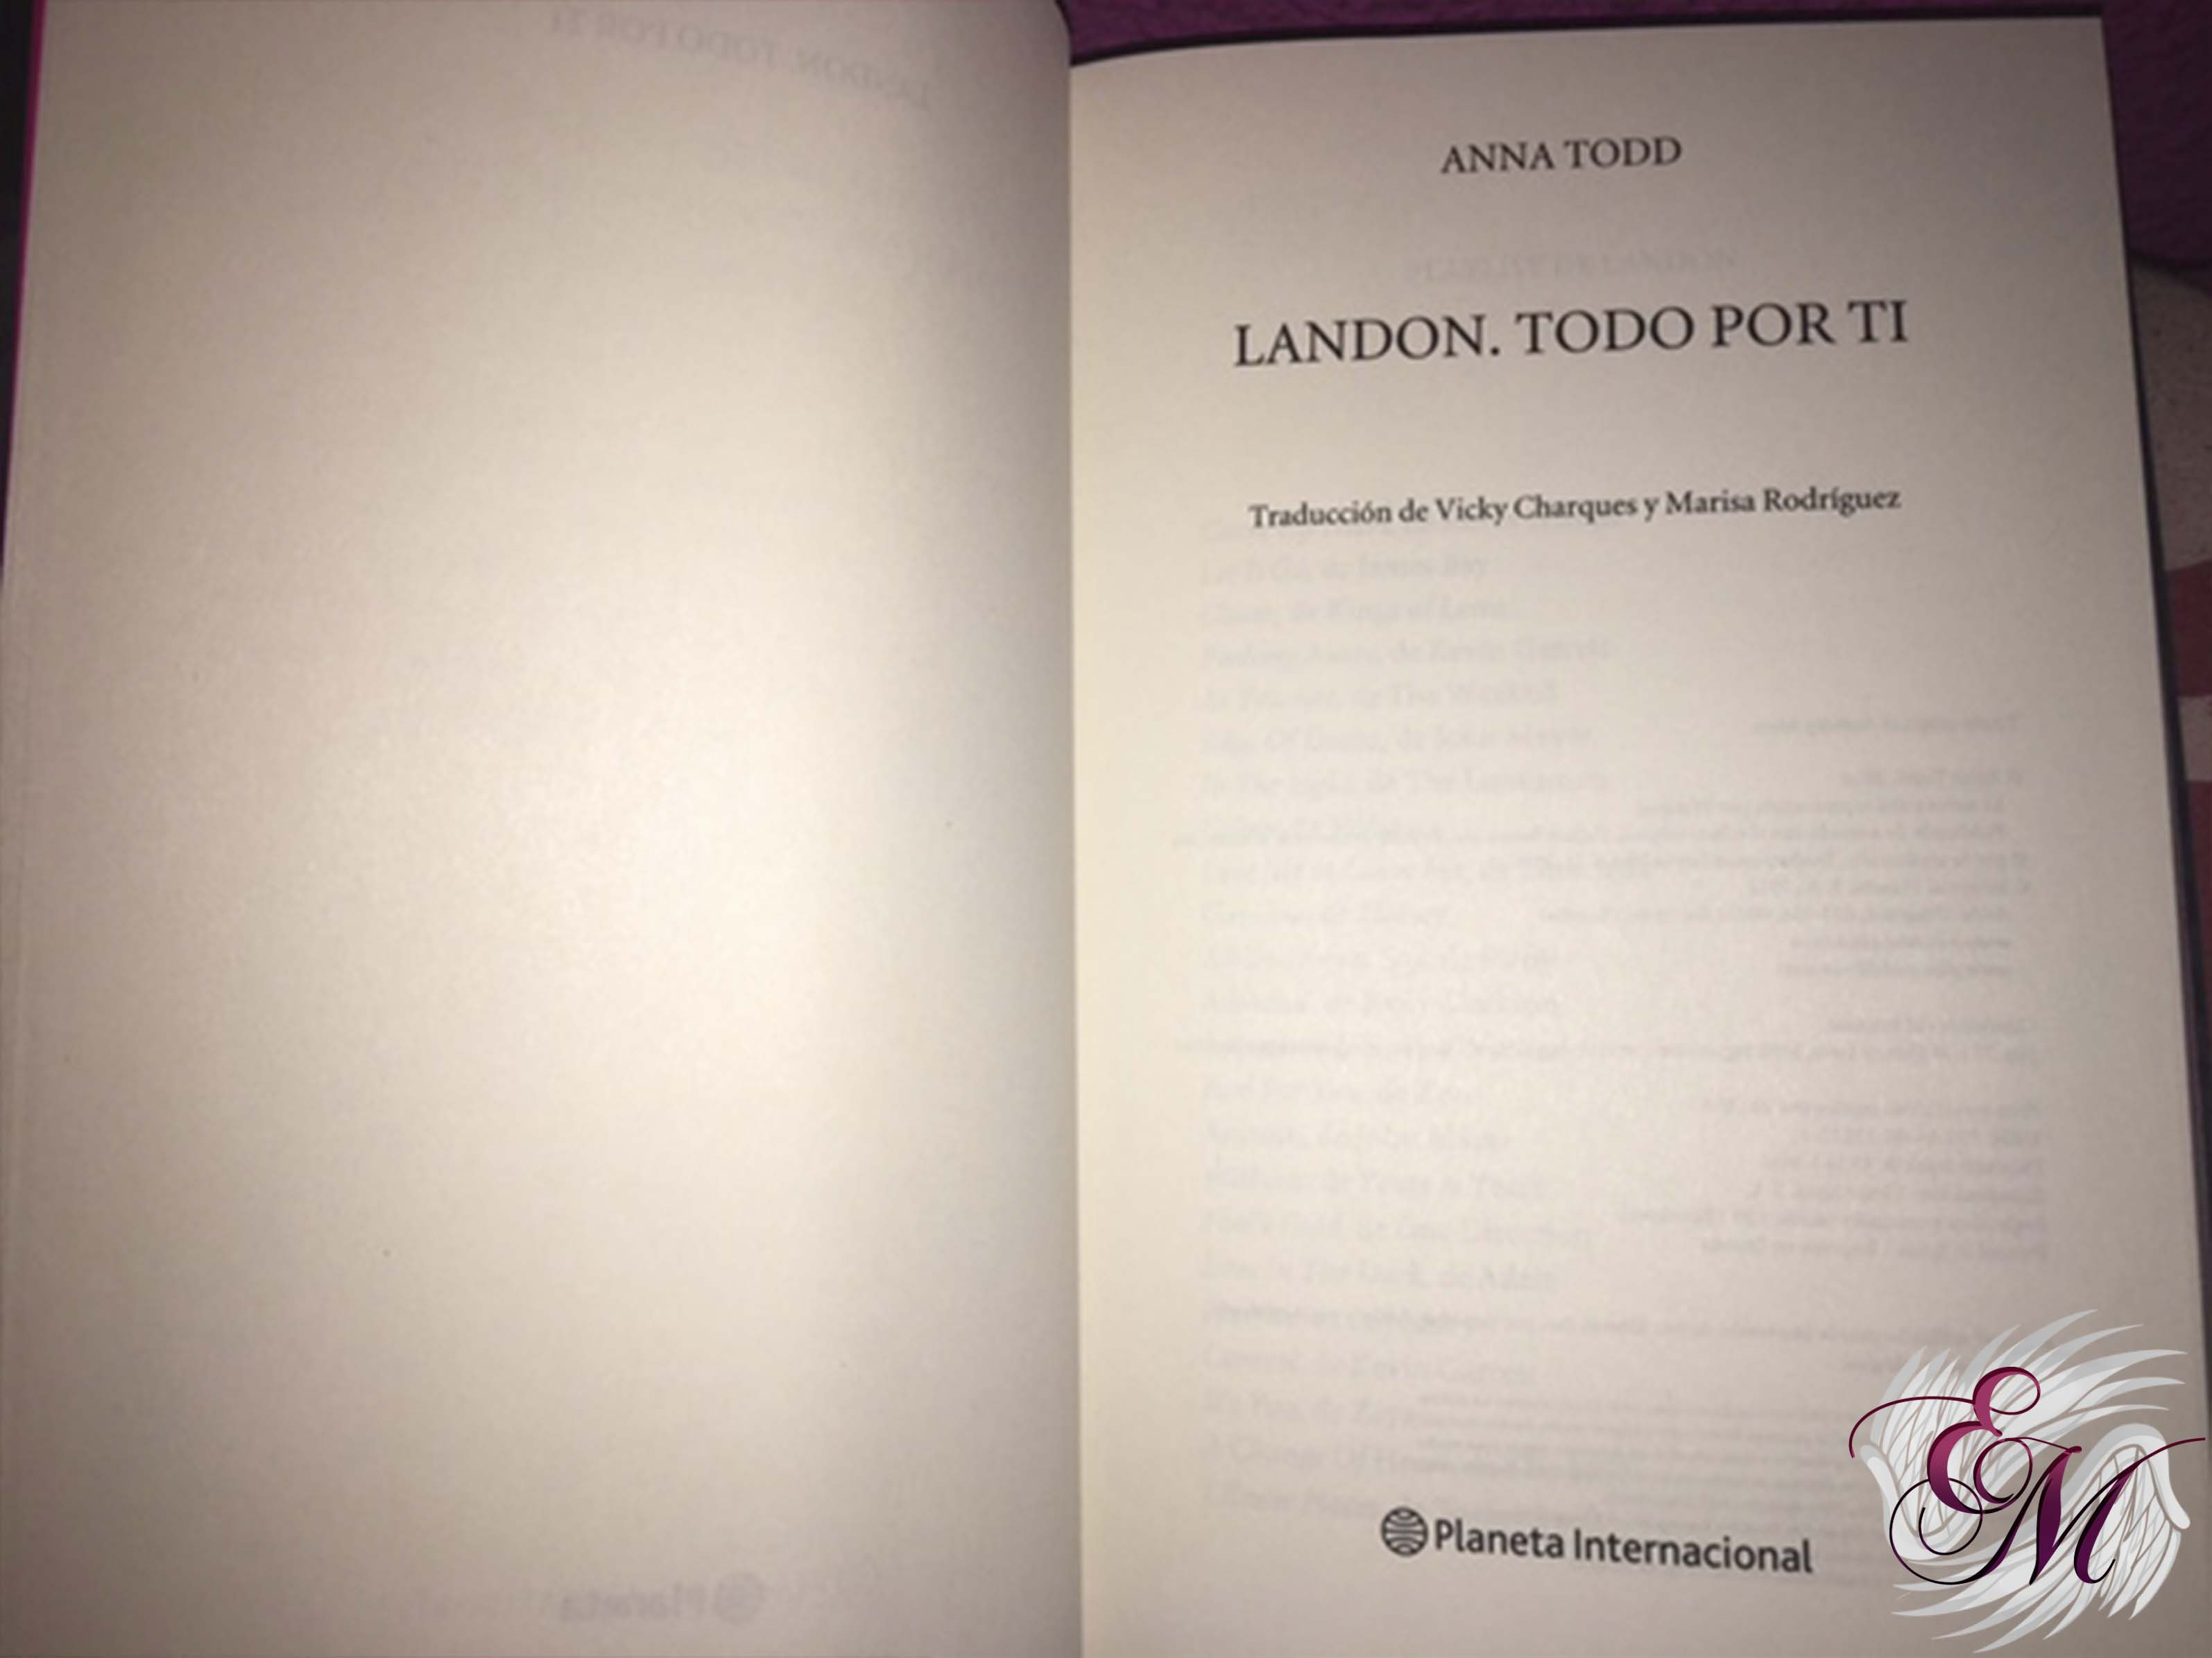 Landon todo por tí, de Anna Todd - Reseña